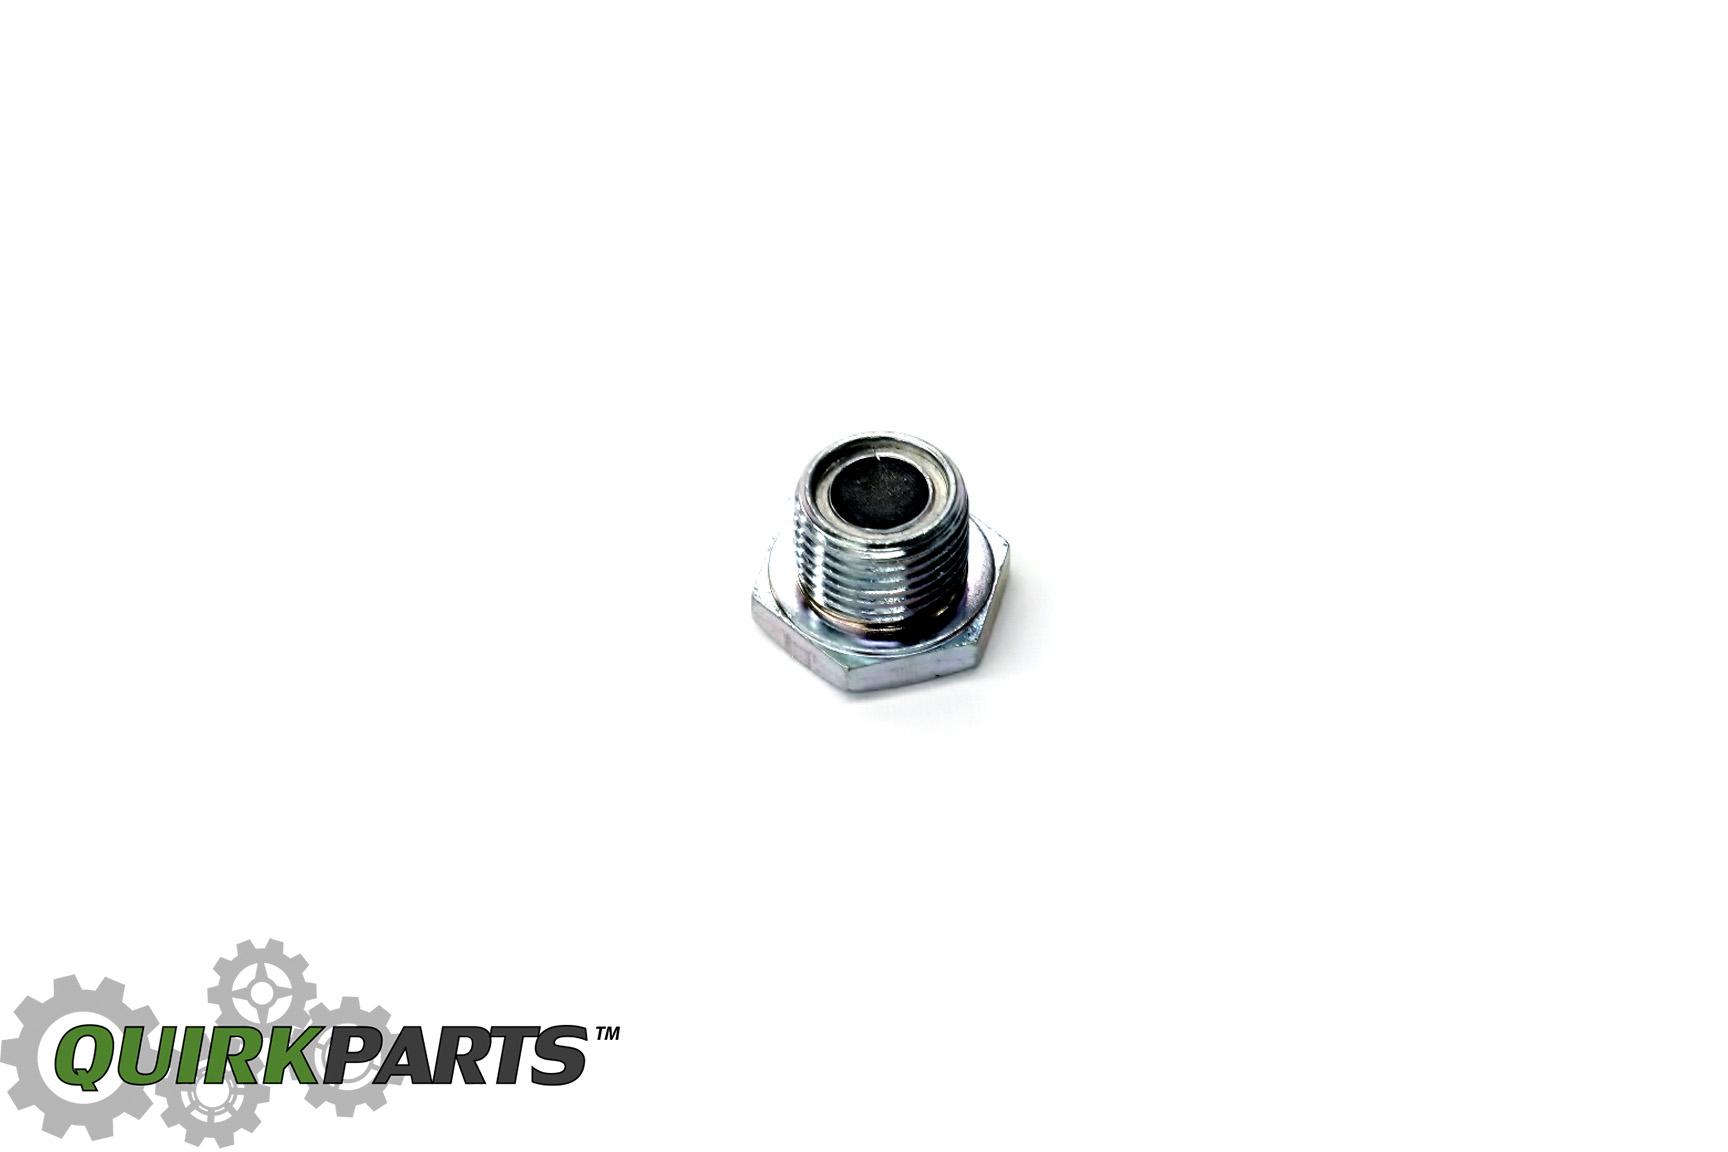 Mazda Miata CX-7 CX-9 MPV Oil Drain Plug With Magnet OEM